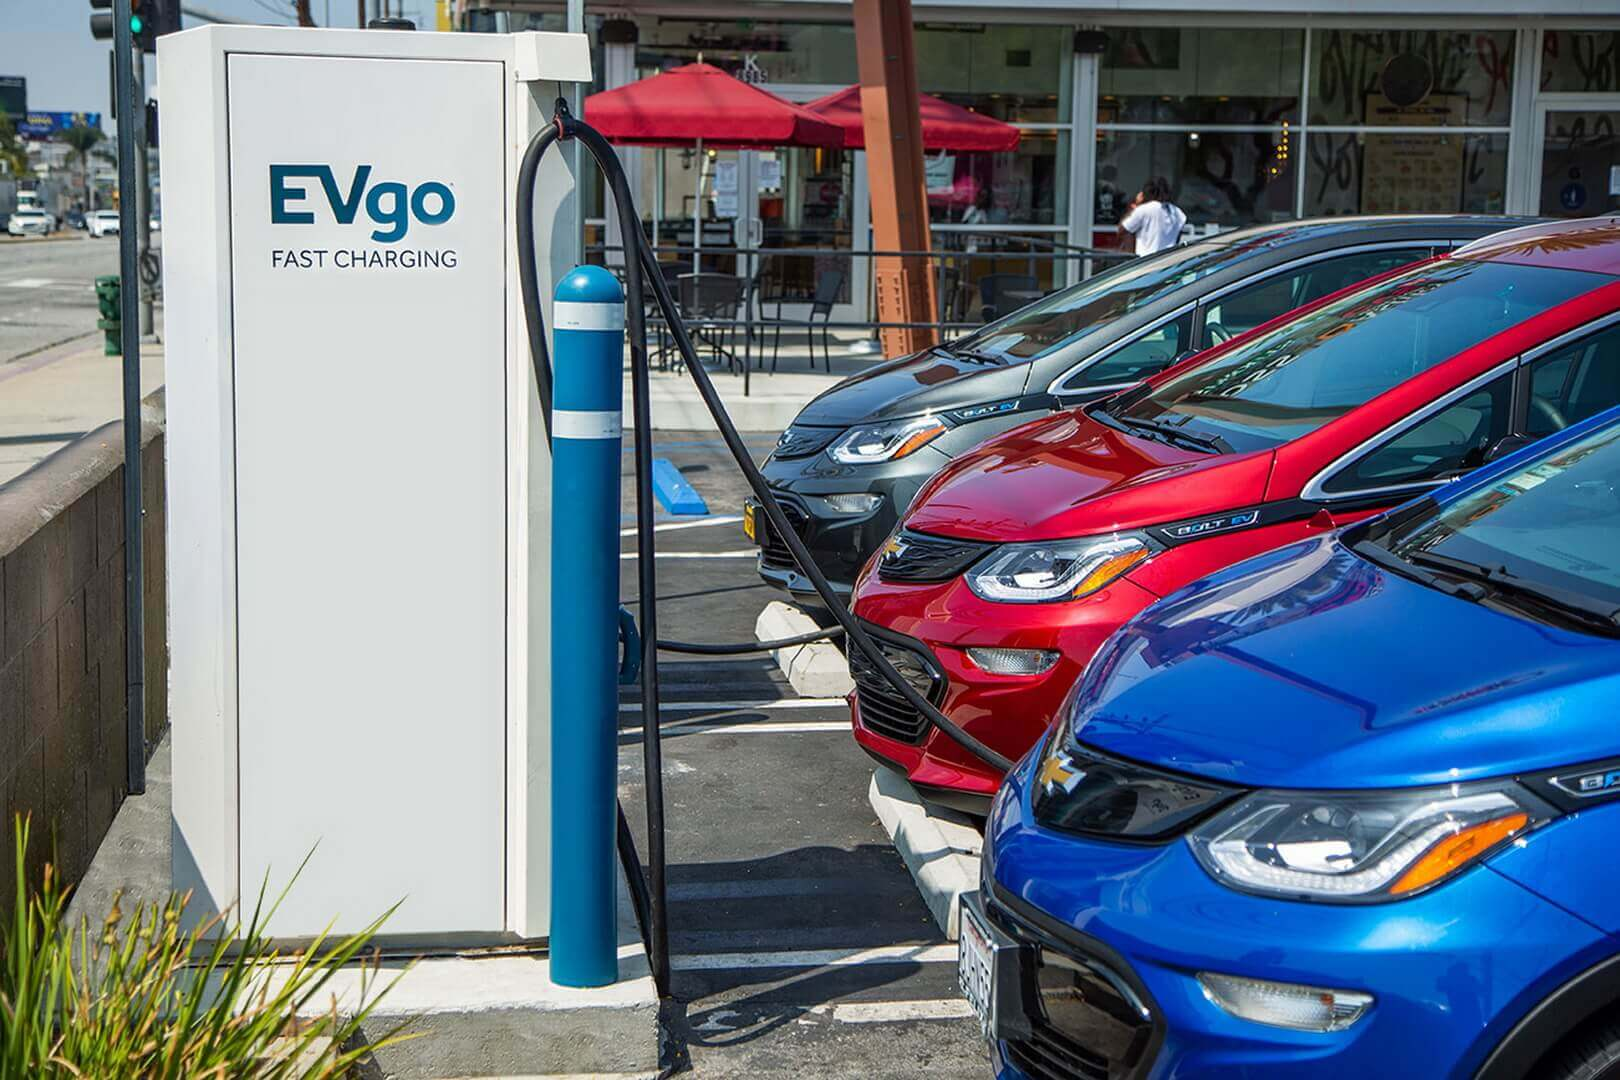 General Motors и EVgo стремятся ускорить широкое внедрение электромобилей развивая зарядную инфраструктуру в США